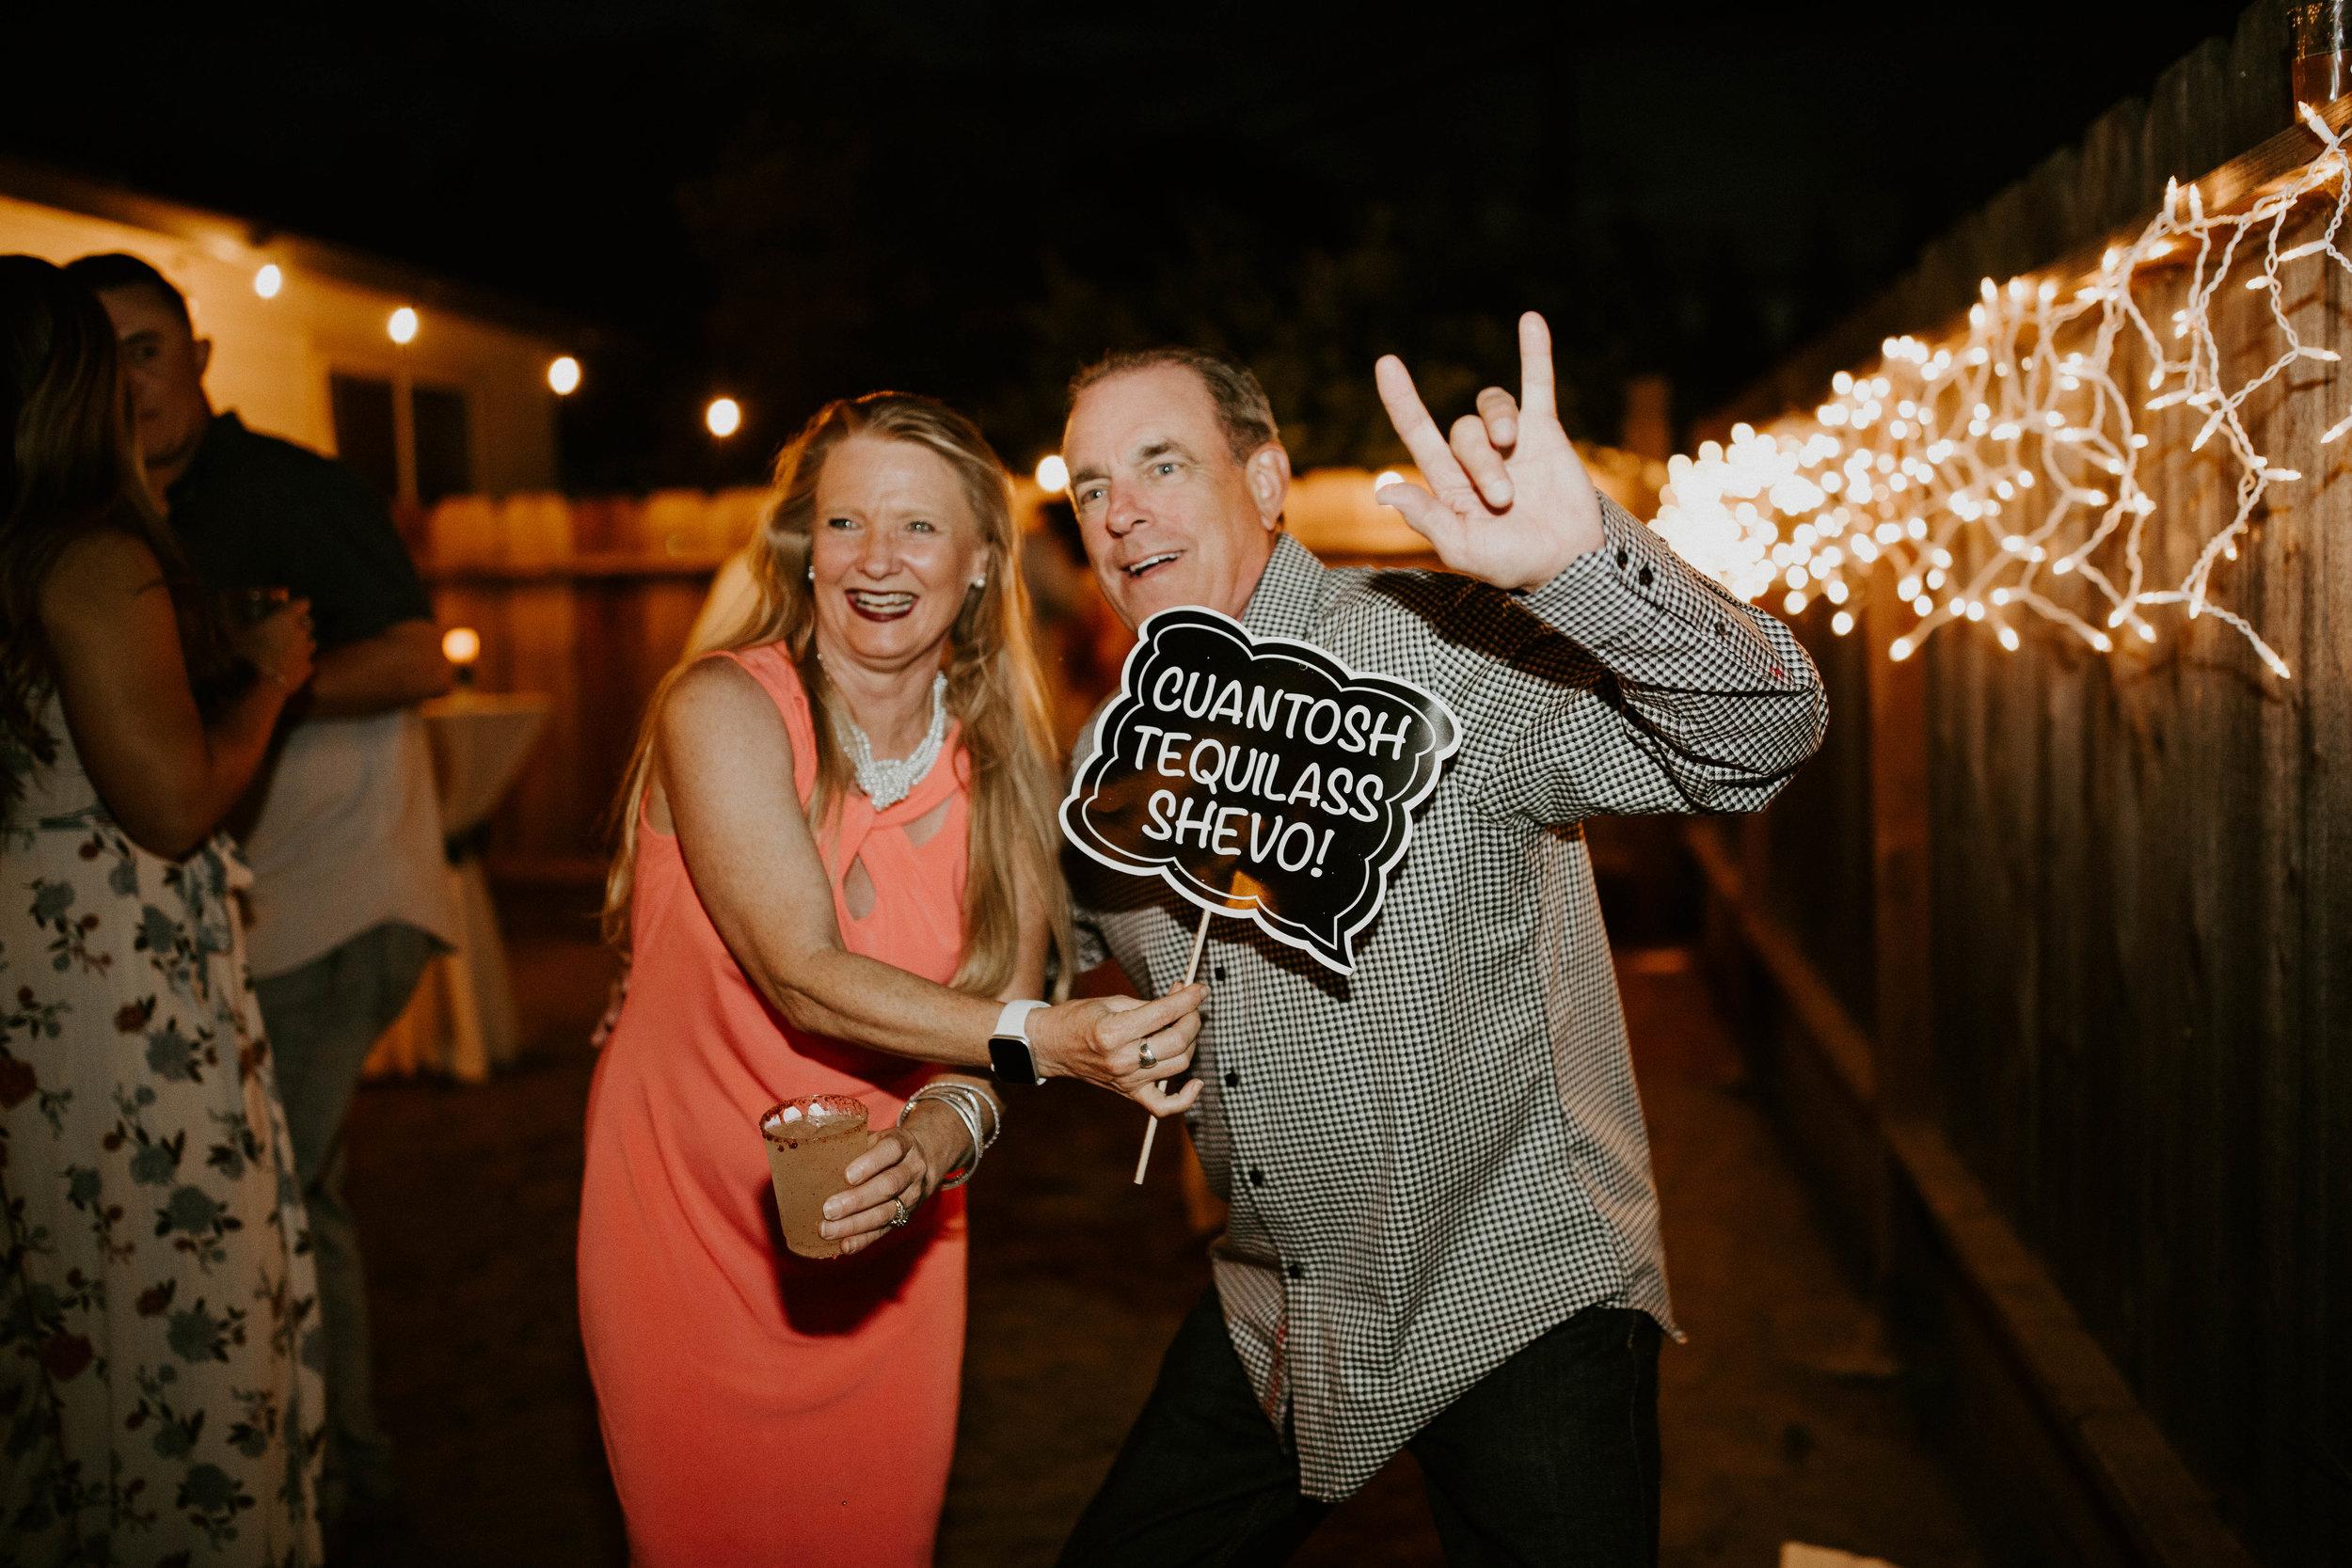 Kelsee&Yudith'sbackyardintimatewedding(579of646).jpg